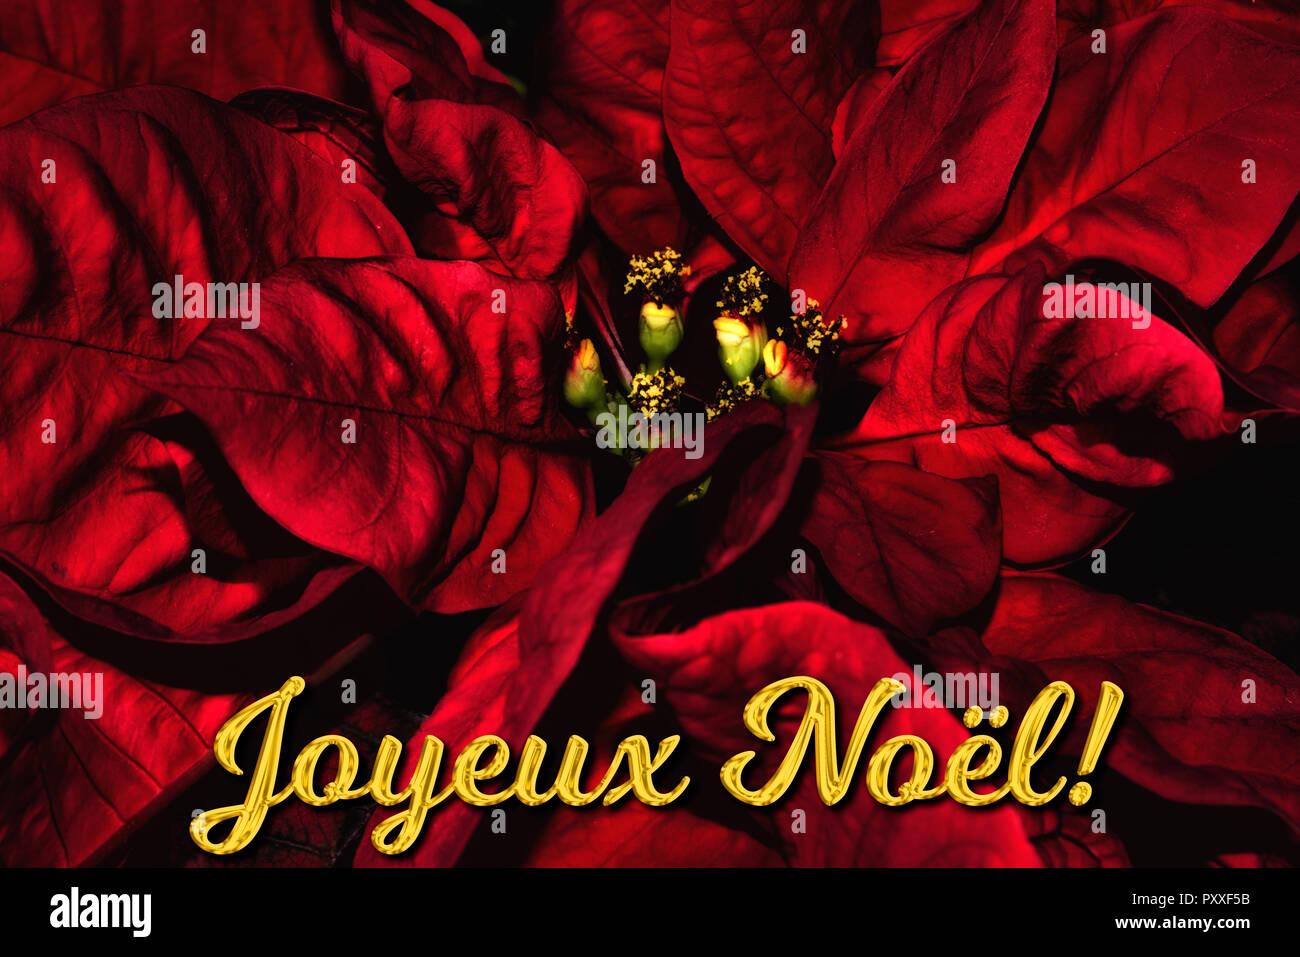 Weihnachtsgrüße Für Karten Texte.Der Französische Text Joyeux Noël Bedeutet Frohe Weihnachten